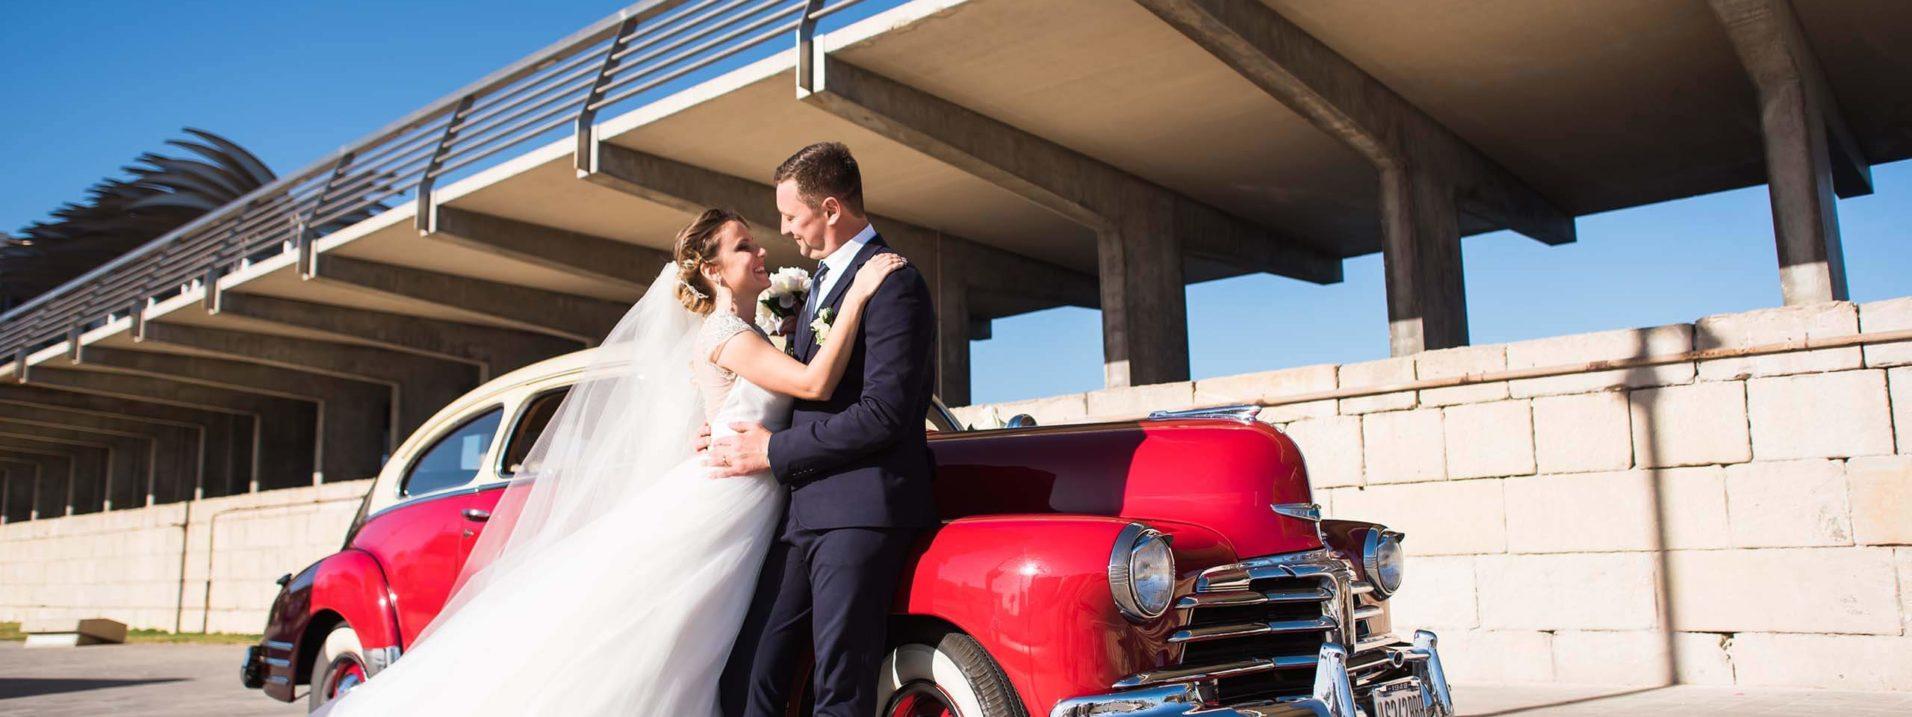 Fotografo de boda Alicante coche